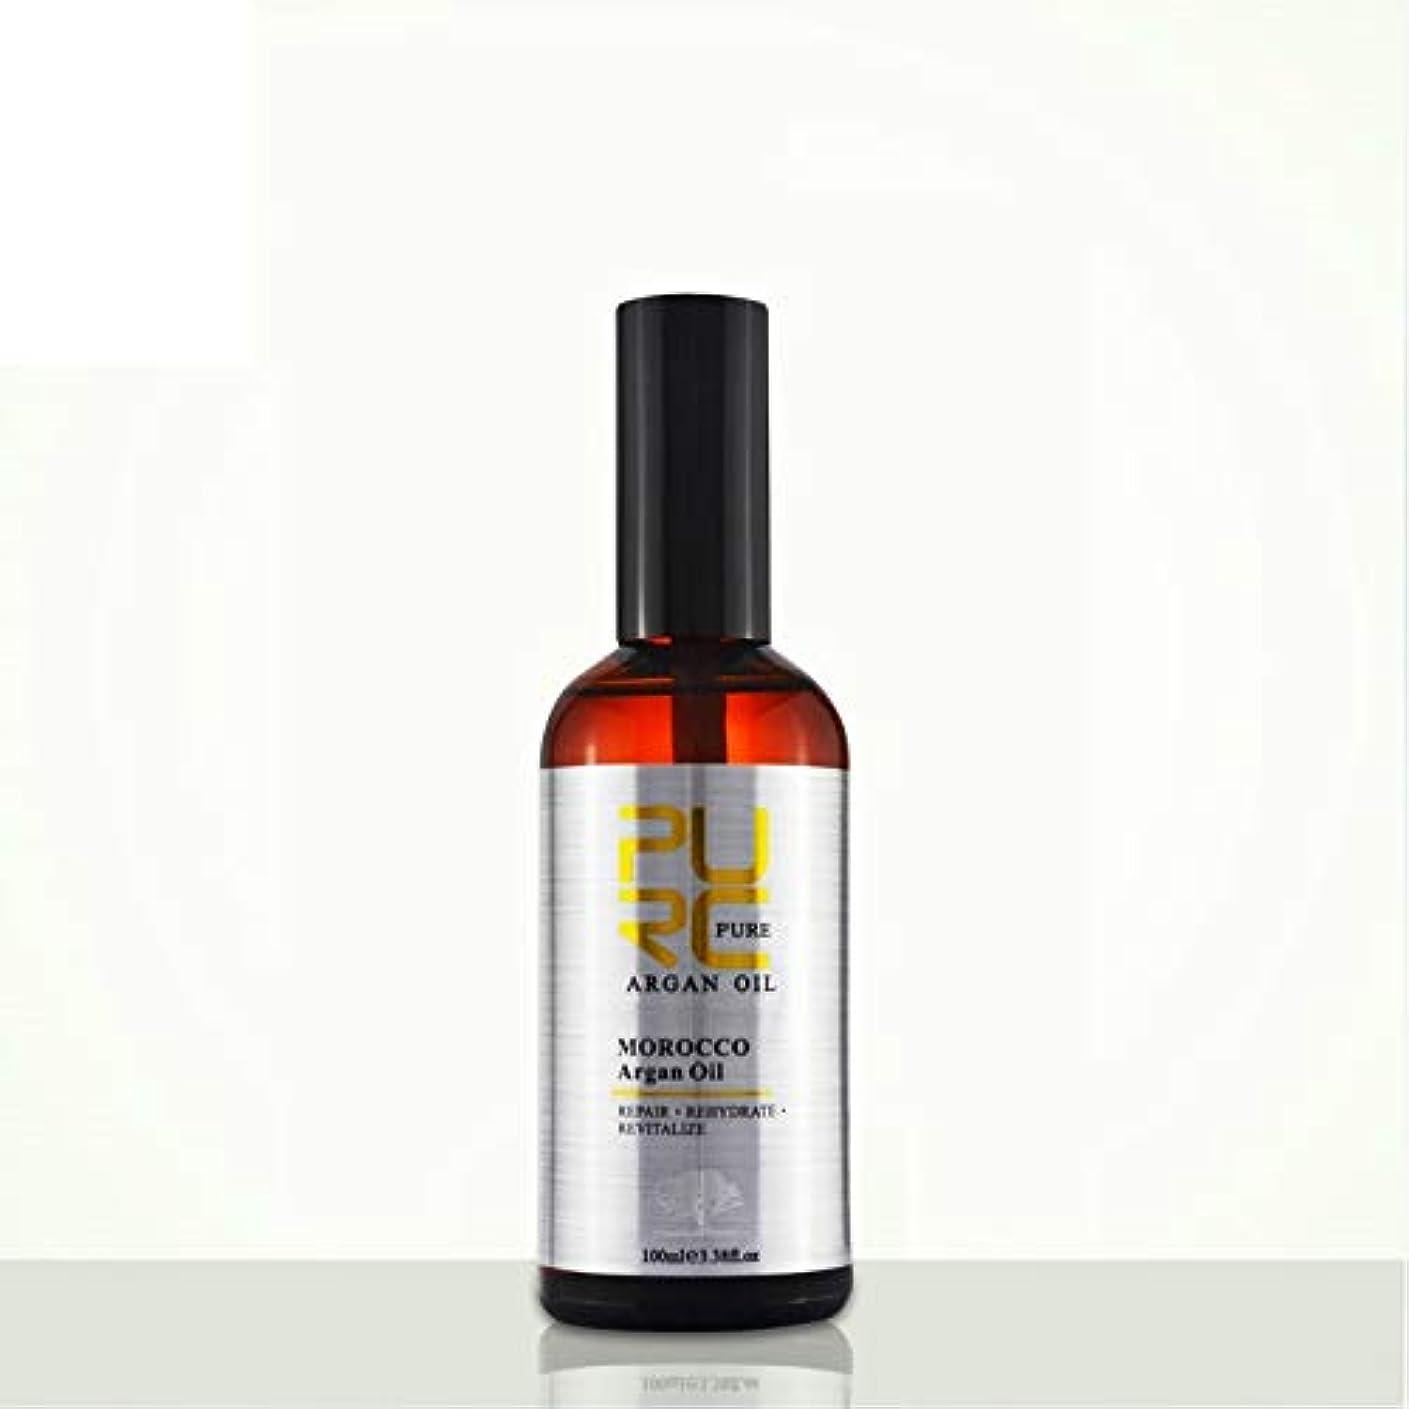 秘密の二形容詞PURC Moroccan argan oil for hair care and protects damaged hair for moisture hair 100ml hair salon products